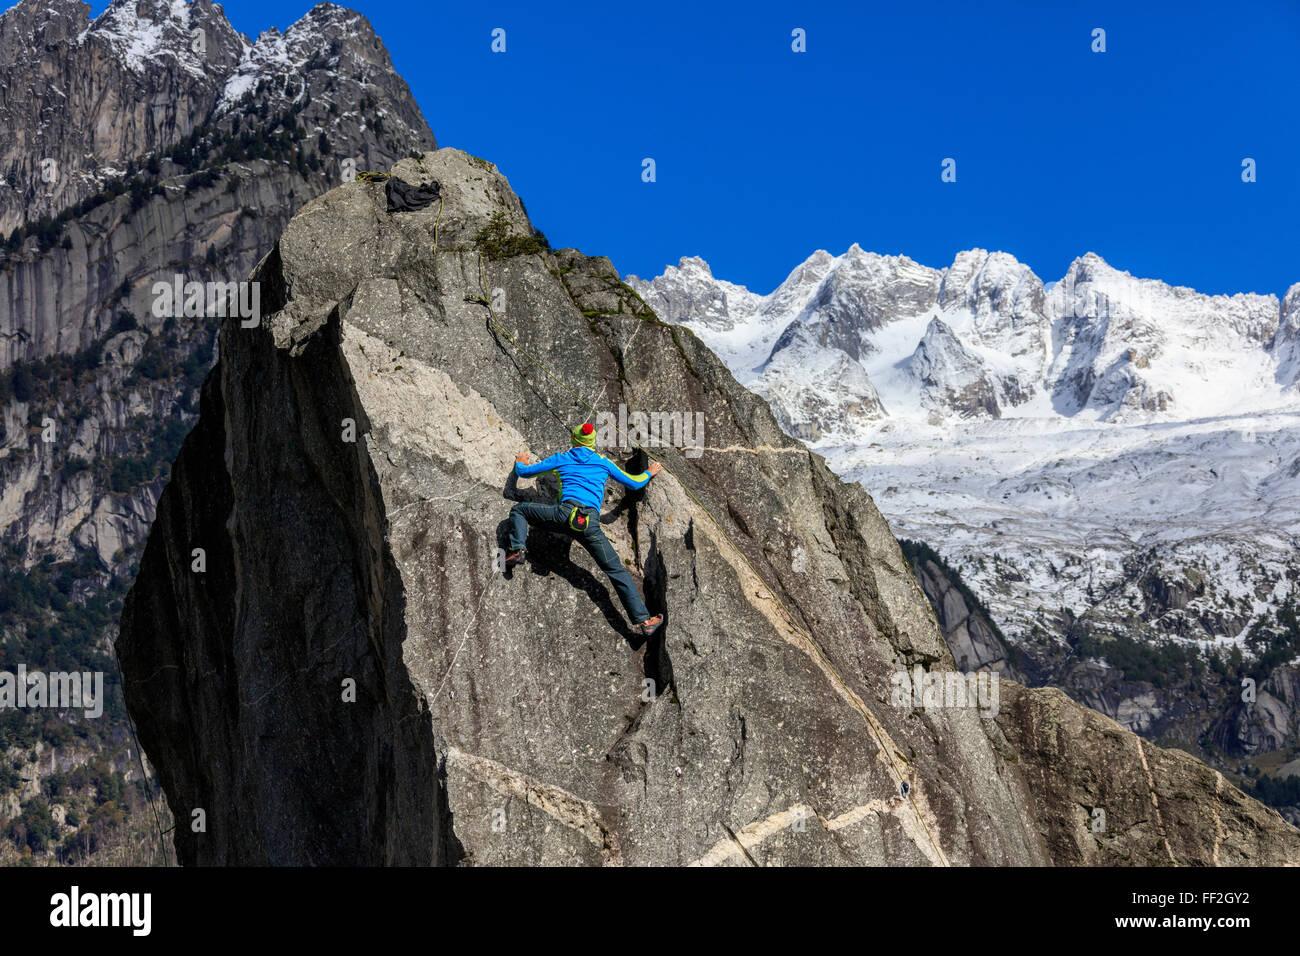 CRMimber sobre roca escarpada, en el fondo del cielo bRMue y picos nevados de Masino VaRMRMey ARMps,,,, ItaRMy VaRMteRMRMina Foto de stock